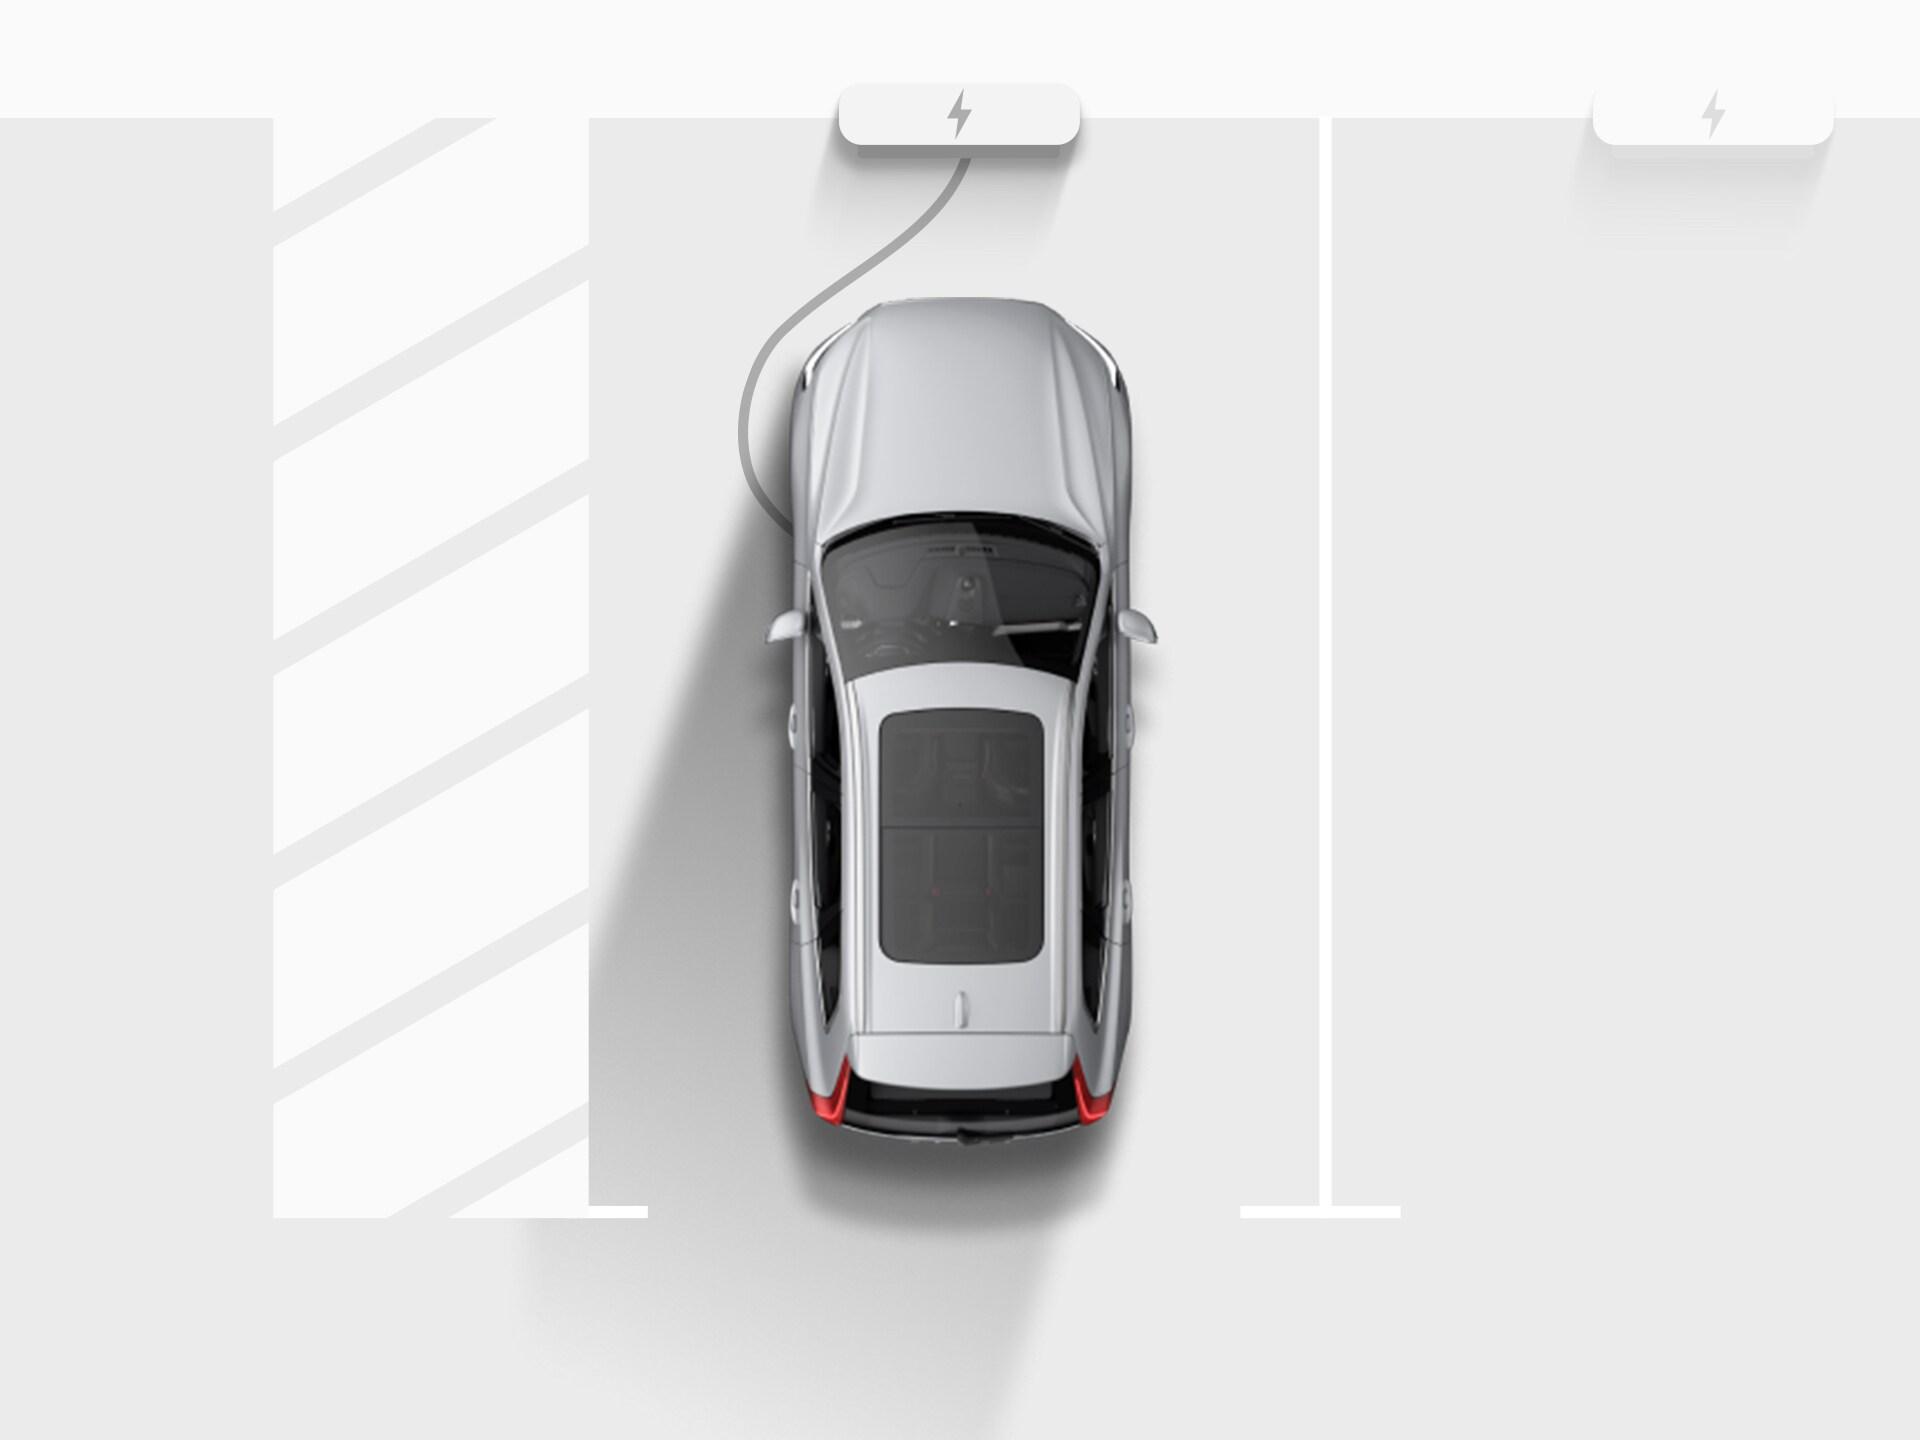 Plano general de un dibujo digital de un SUV Volvo XC40 Recharge totalmente eléctrico plateado enchufado y cargándose en un punto de recarga del garaje de unos apartamentos.